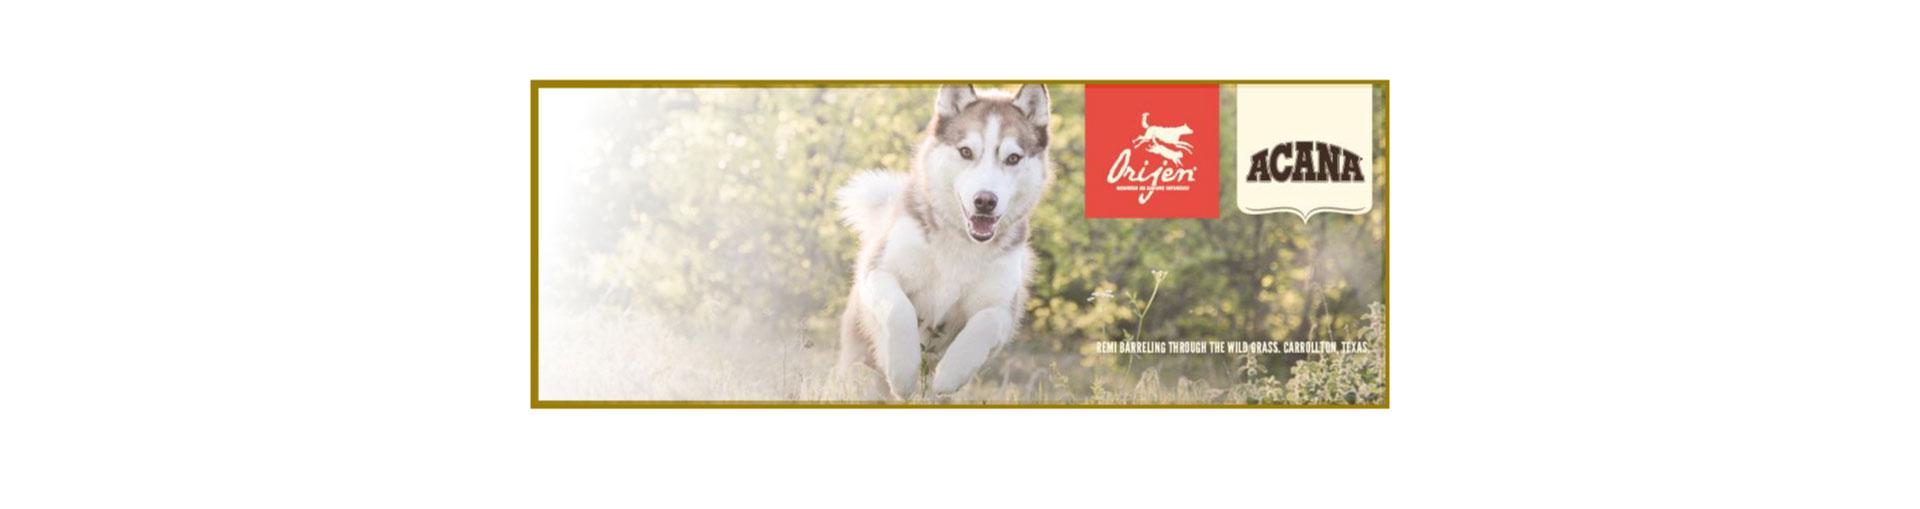 Spartan Animal Kingdom Dog Food